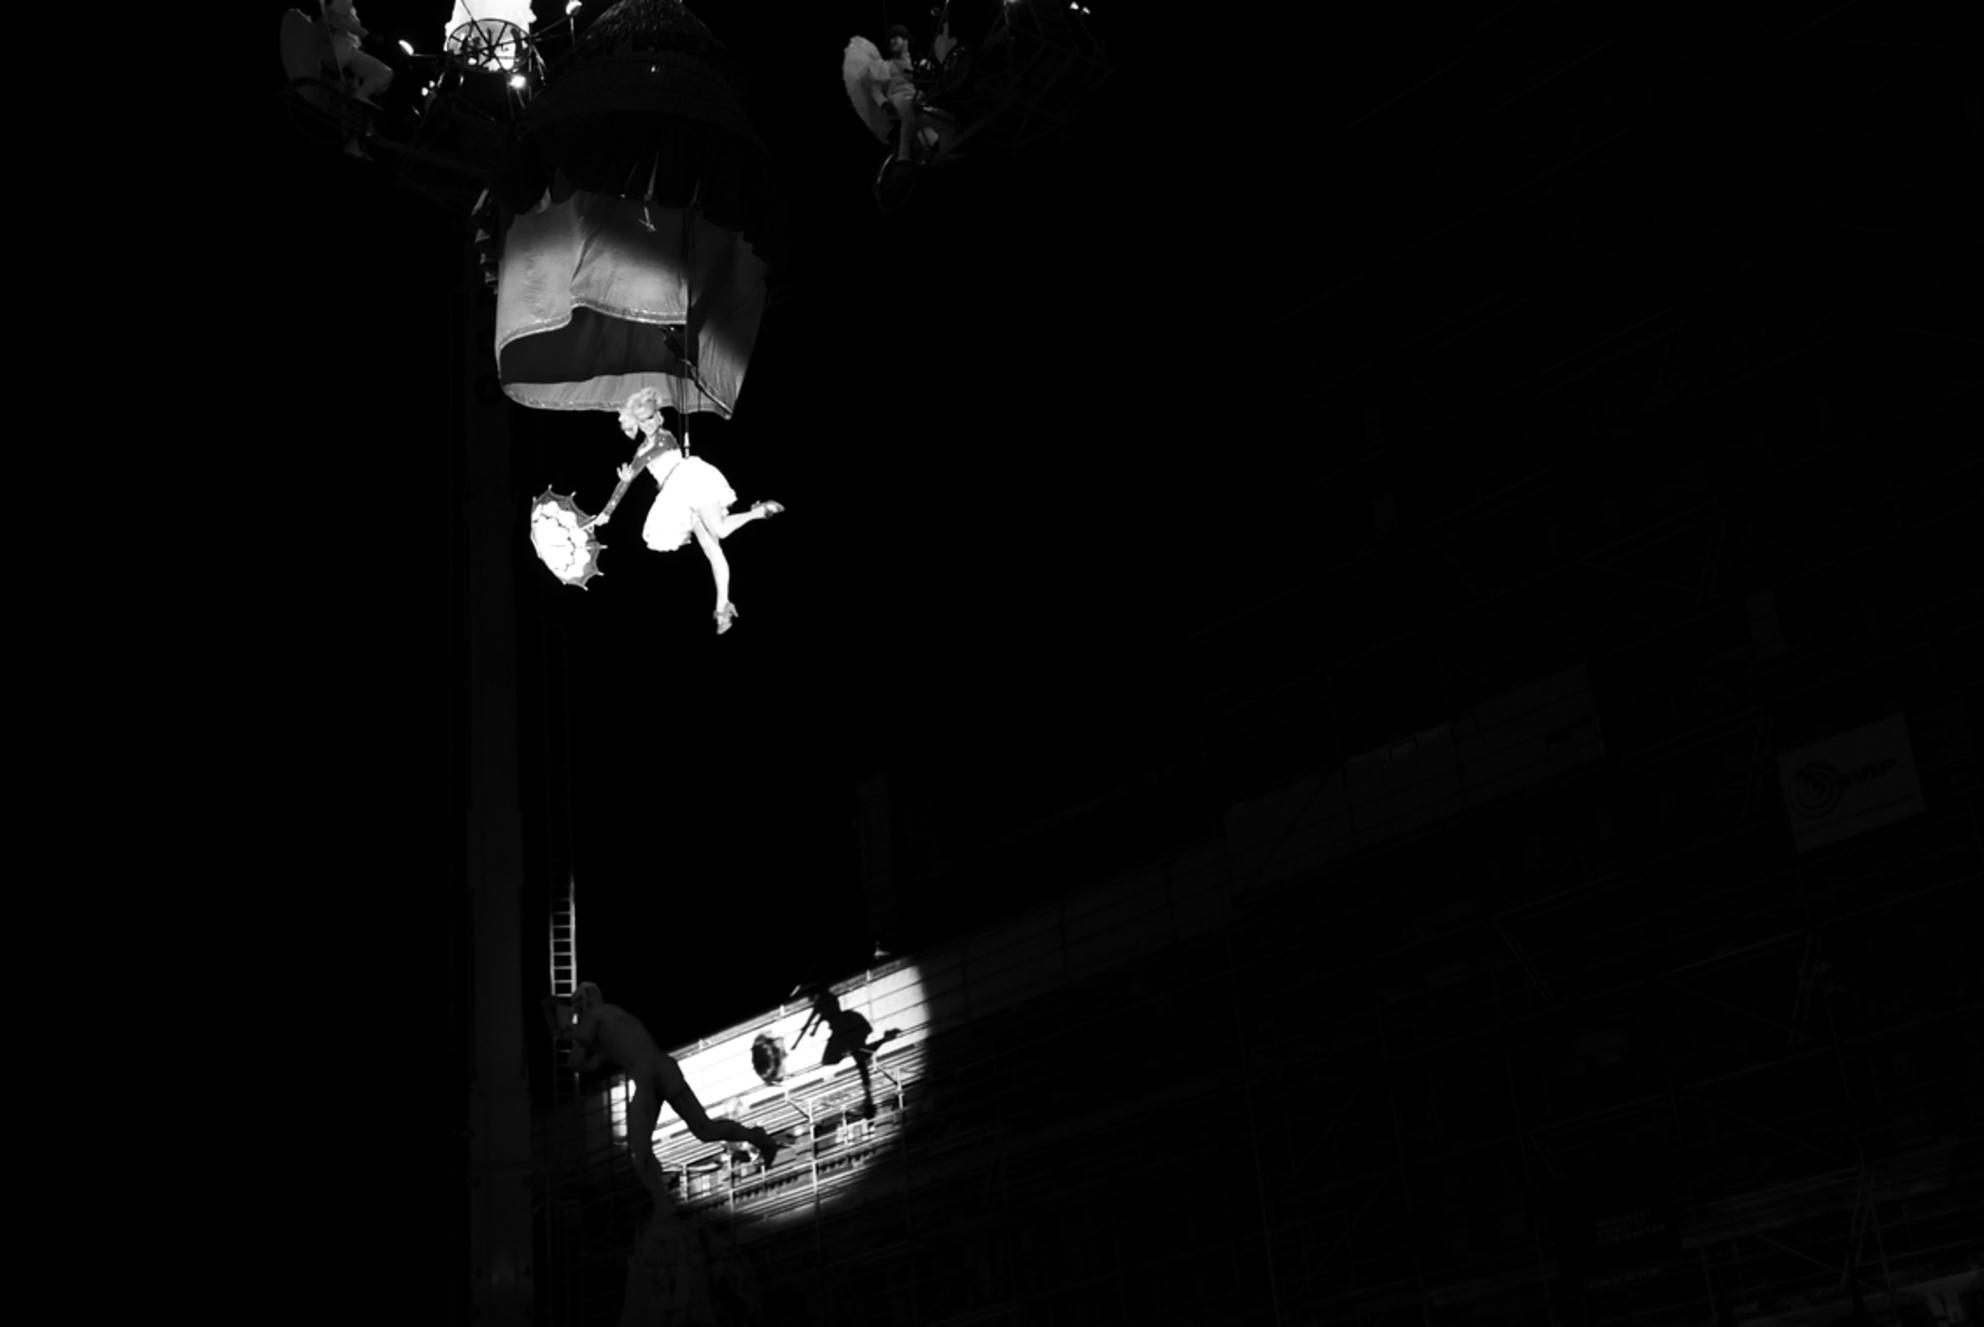 """Vliegen boven Brabo.. - Antwerpen - Danseres van het Tol theater zwiert over het Brabo monument ter ere van het 500 jarige bestaan van de """"Onze-Lieve-Vrouwekathedraal"""" van Antwerpen.  - foto door Krulkoos op 06-09-2018 - deze foto bevat: vrouw, straat, markt, vliegen, schaduw, tegenlicht, kerk, monument, stad, theater, optreden, circus, nacht, meisje, antwerpen, hangen, zwartwit, spotlight, belgie, plein, feest, kathedraal, straatfotografie, spot, paraplu, danser, danseres, spots, evenement, spotlicht, leica, brabo, onze-lieve-vrouwekathedraal, Grote markt, maurice weststrate, lx100, 500 jaar, theatertol, toltheater, tol theater, kathedraal500jaar, onzetoren500, onze-lieve-vrouwe kathedraal, onze-lieve-vrouwe - Deze foto mag gebruikt worden in een Zoom.nl publicatie"""